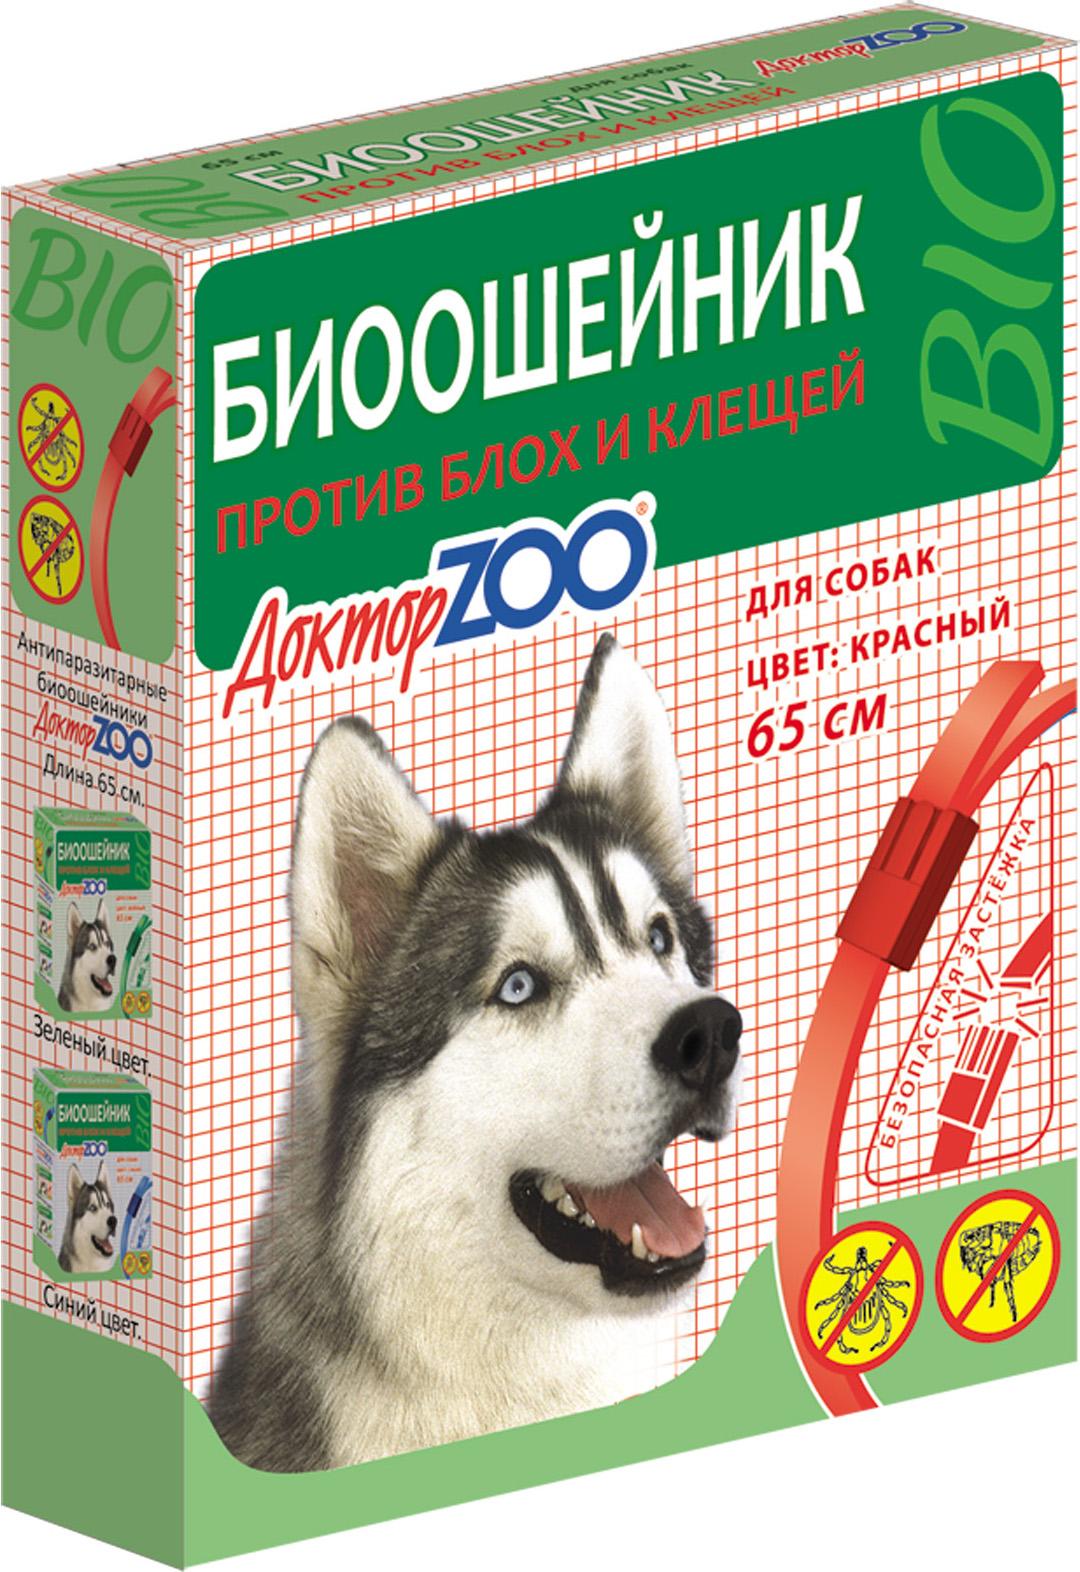 БИОошейник Доктор ZOO, для собак, от блох и клещей, цвет: красный, 65 см